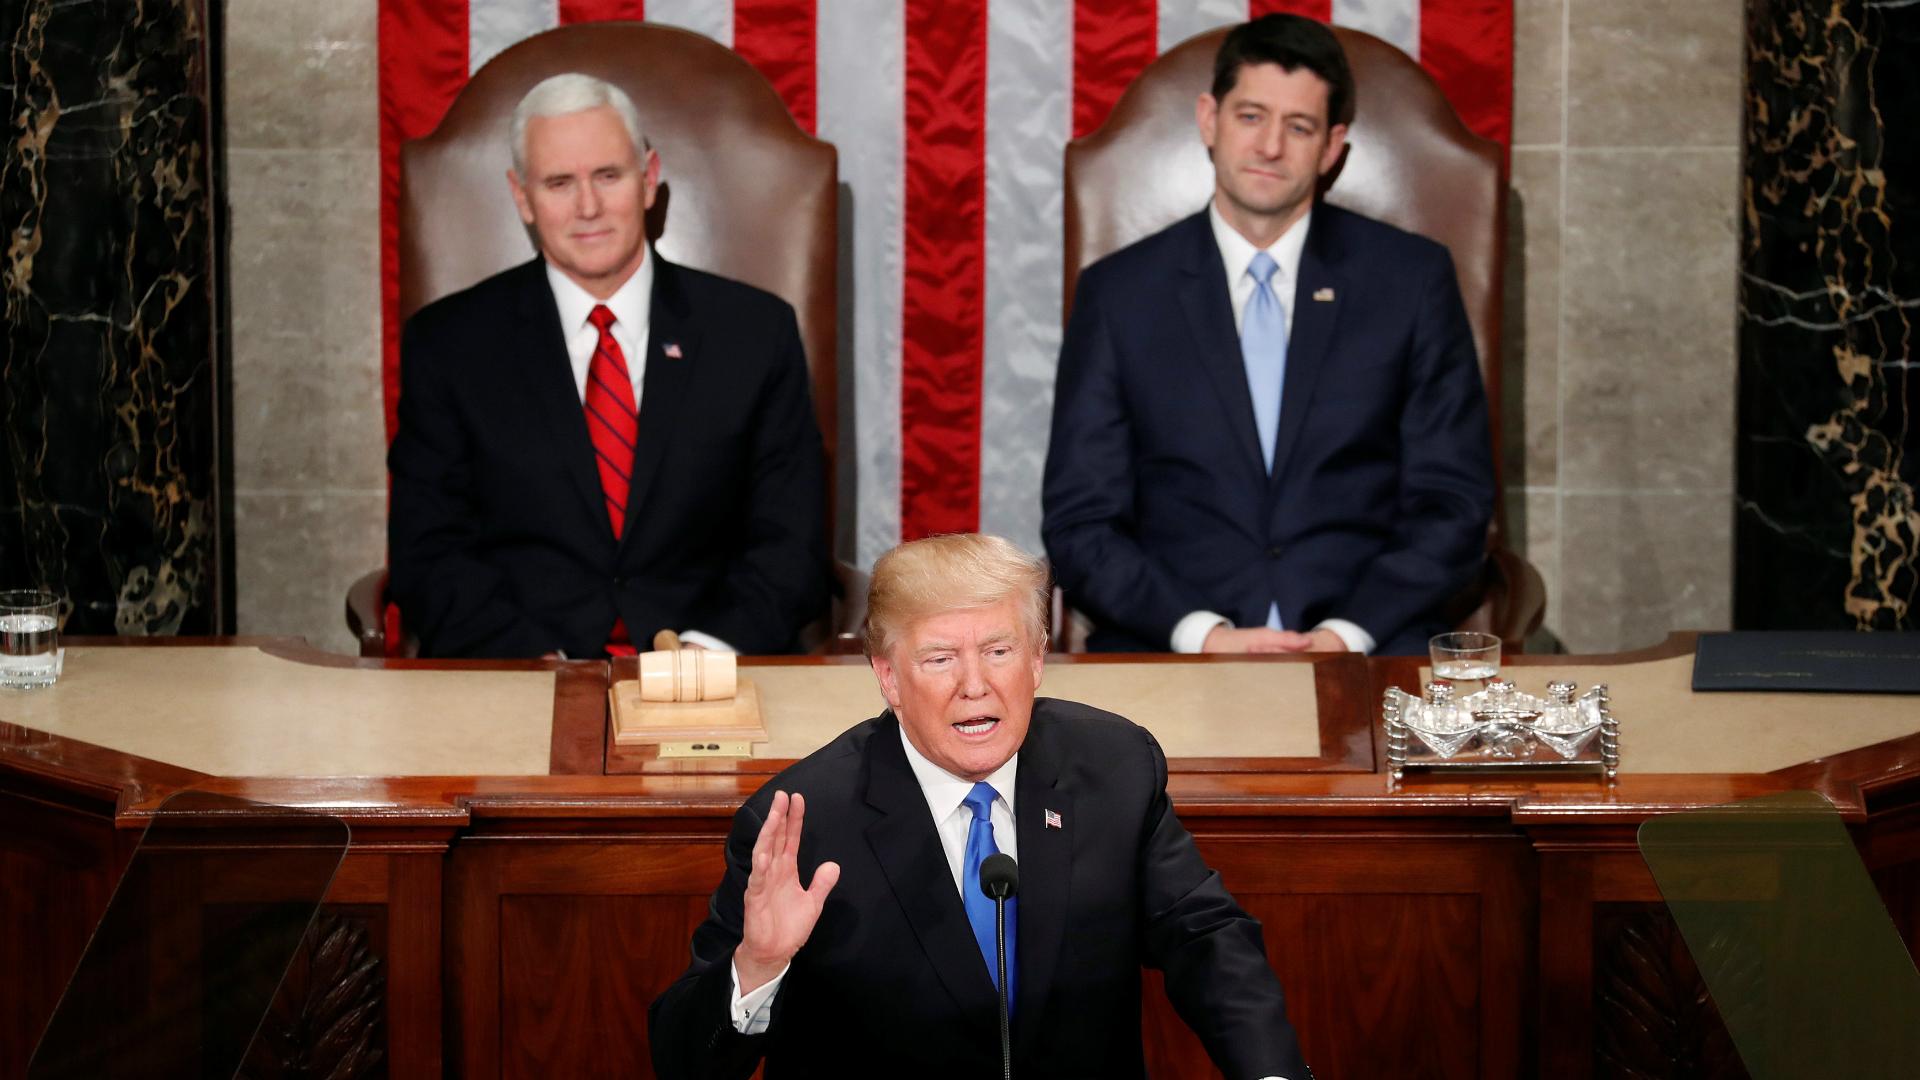 El presidente de los Estados Unidos, Donald Trump; detrás, el vicepresidente, Mike Pence, y el titular de la Cámara de Representantes, Paul Ryan.